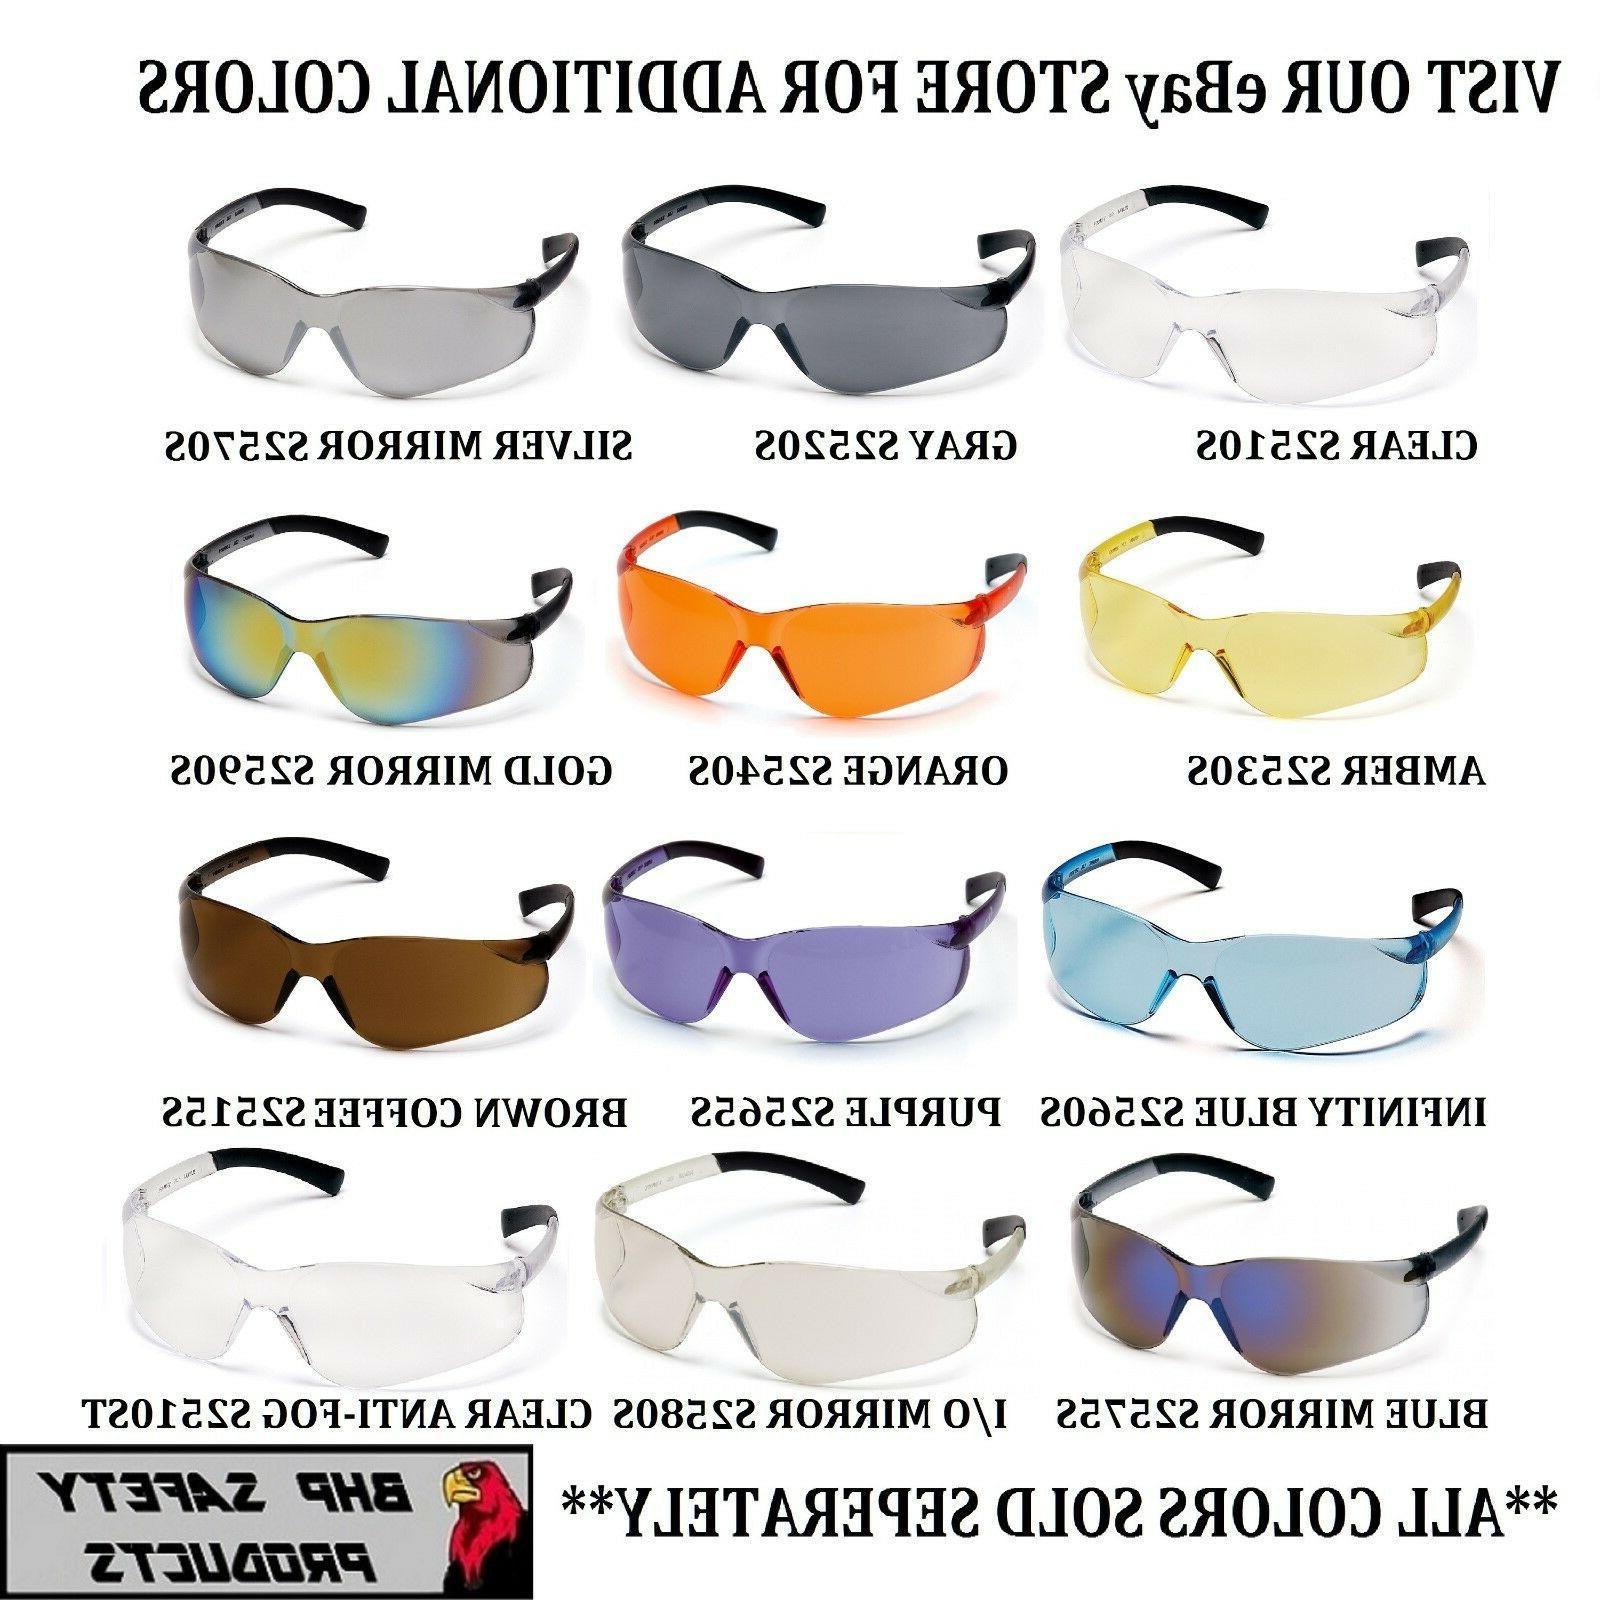 PYRAMEX ZTEK GLASSES I/O INDOOR/OUTDOOR S2580S